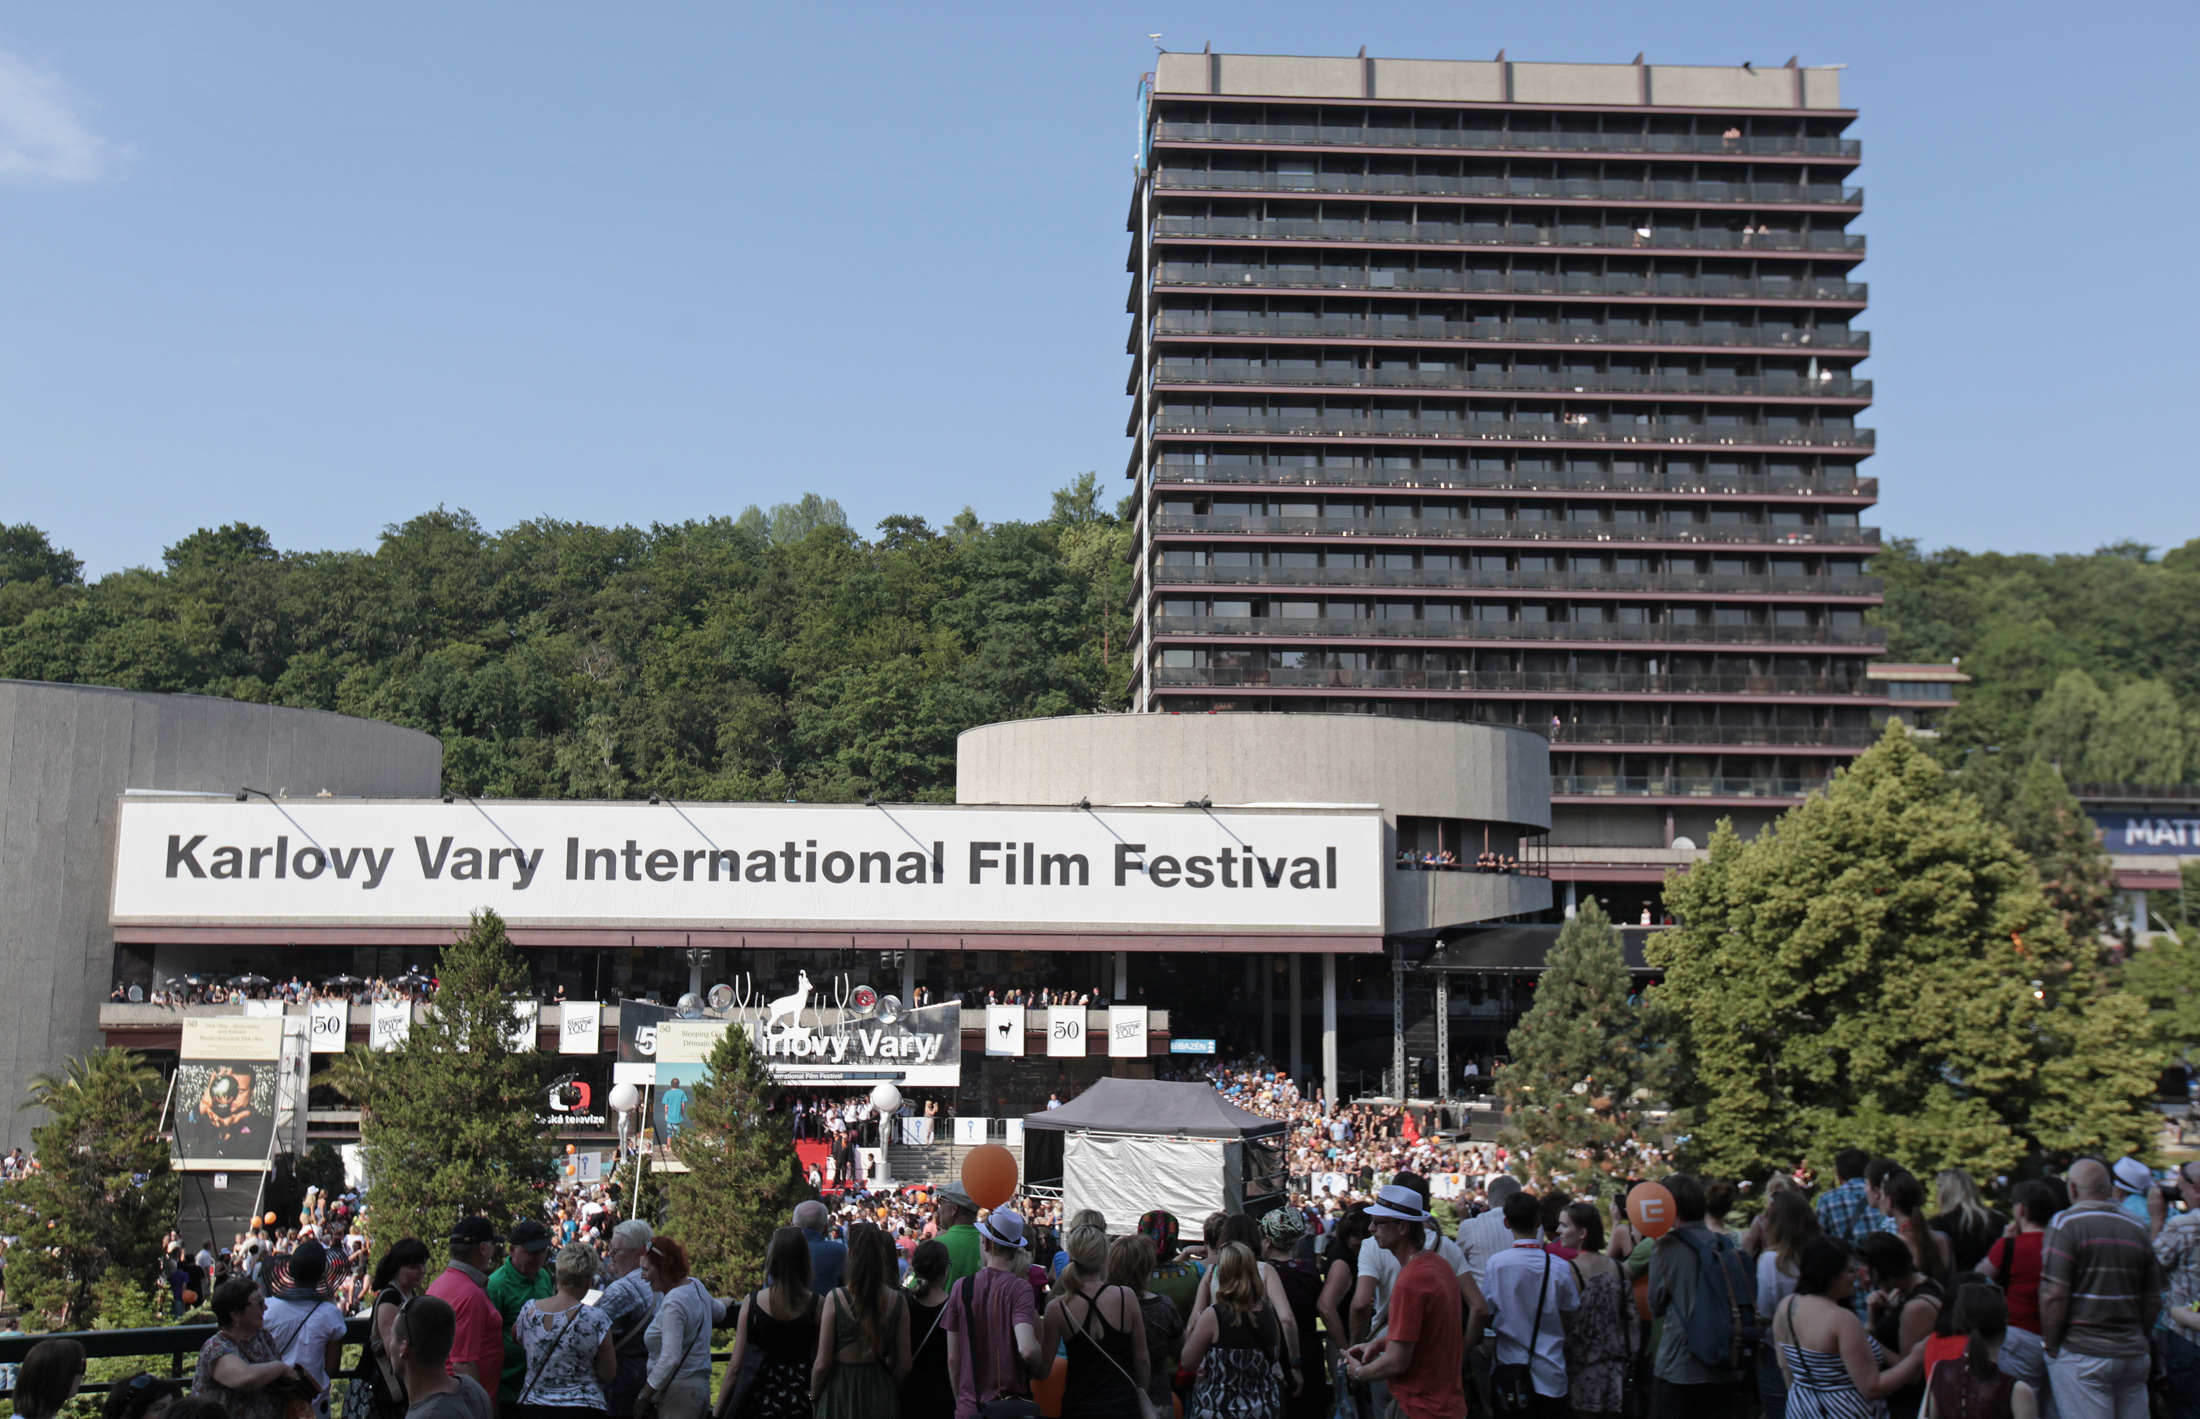 karlovy vary film festival 2019